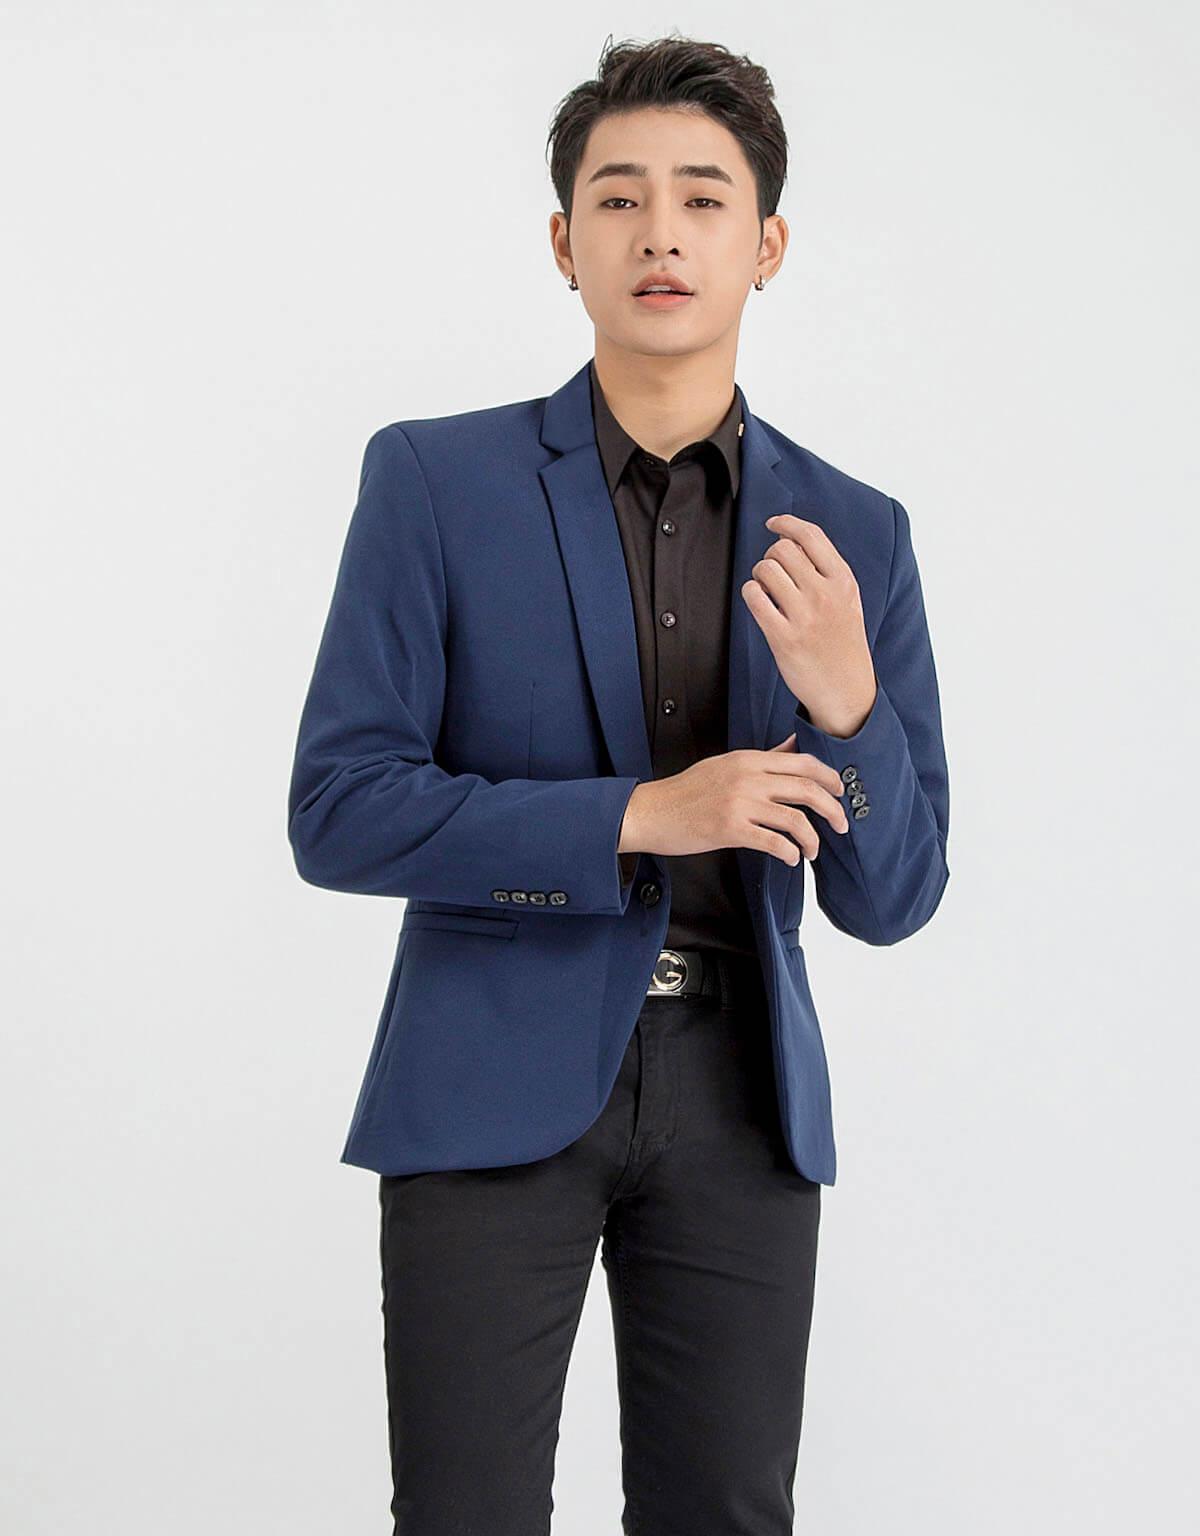 Suit - Xu hướng thời trang bùng nổ 2019